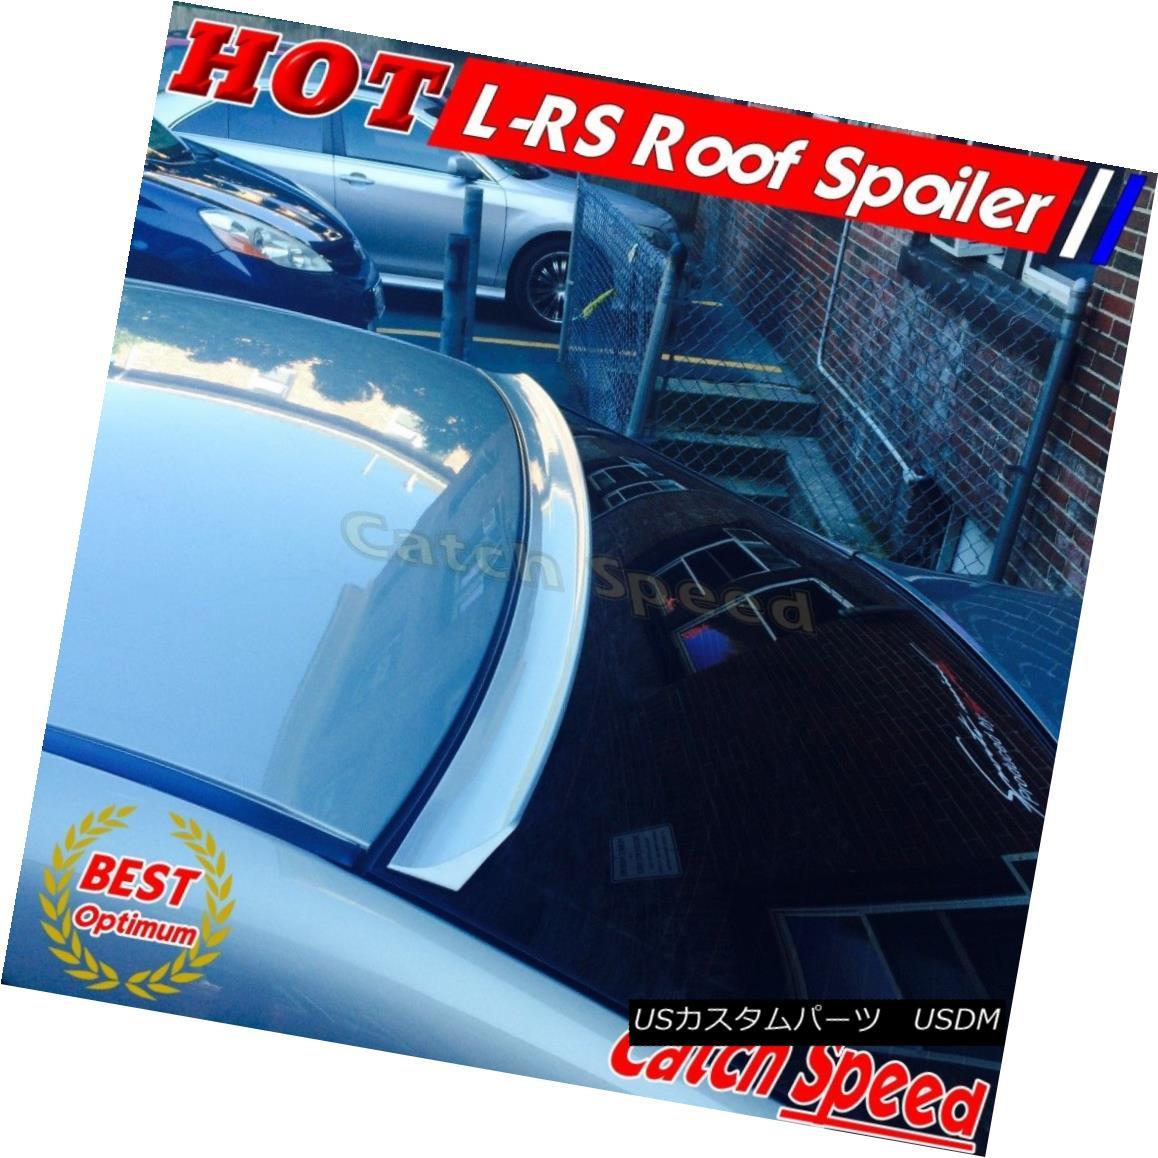 エアロパーツ Flat Black LRS Rear Window Roof Visor Spoiler For 3-series BMW E36 Sedan 91~98 ? フラットブラックLRSリアウィンドウルーフバイザースポイラー3シリーズBMW E36セダン91?98?